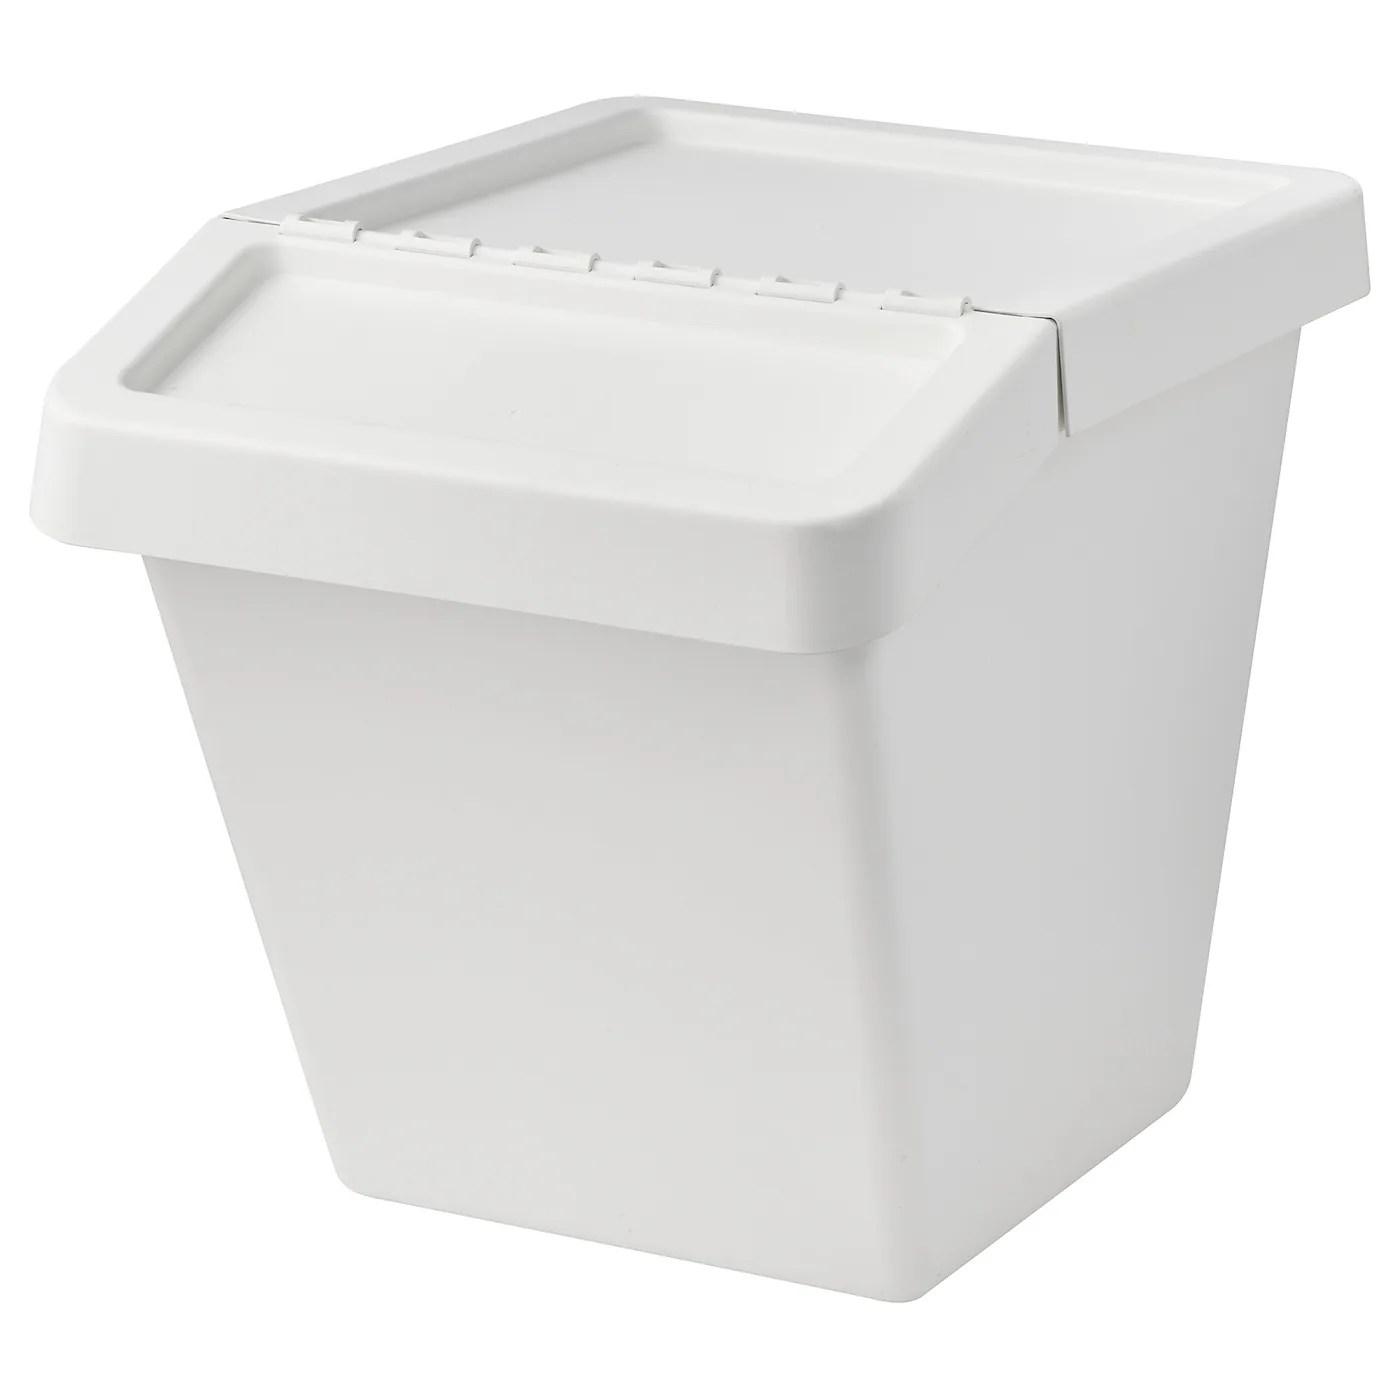 Poubelles Encastrables Tri Des Dechets Ikea